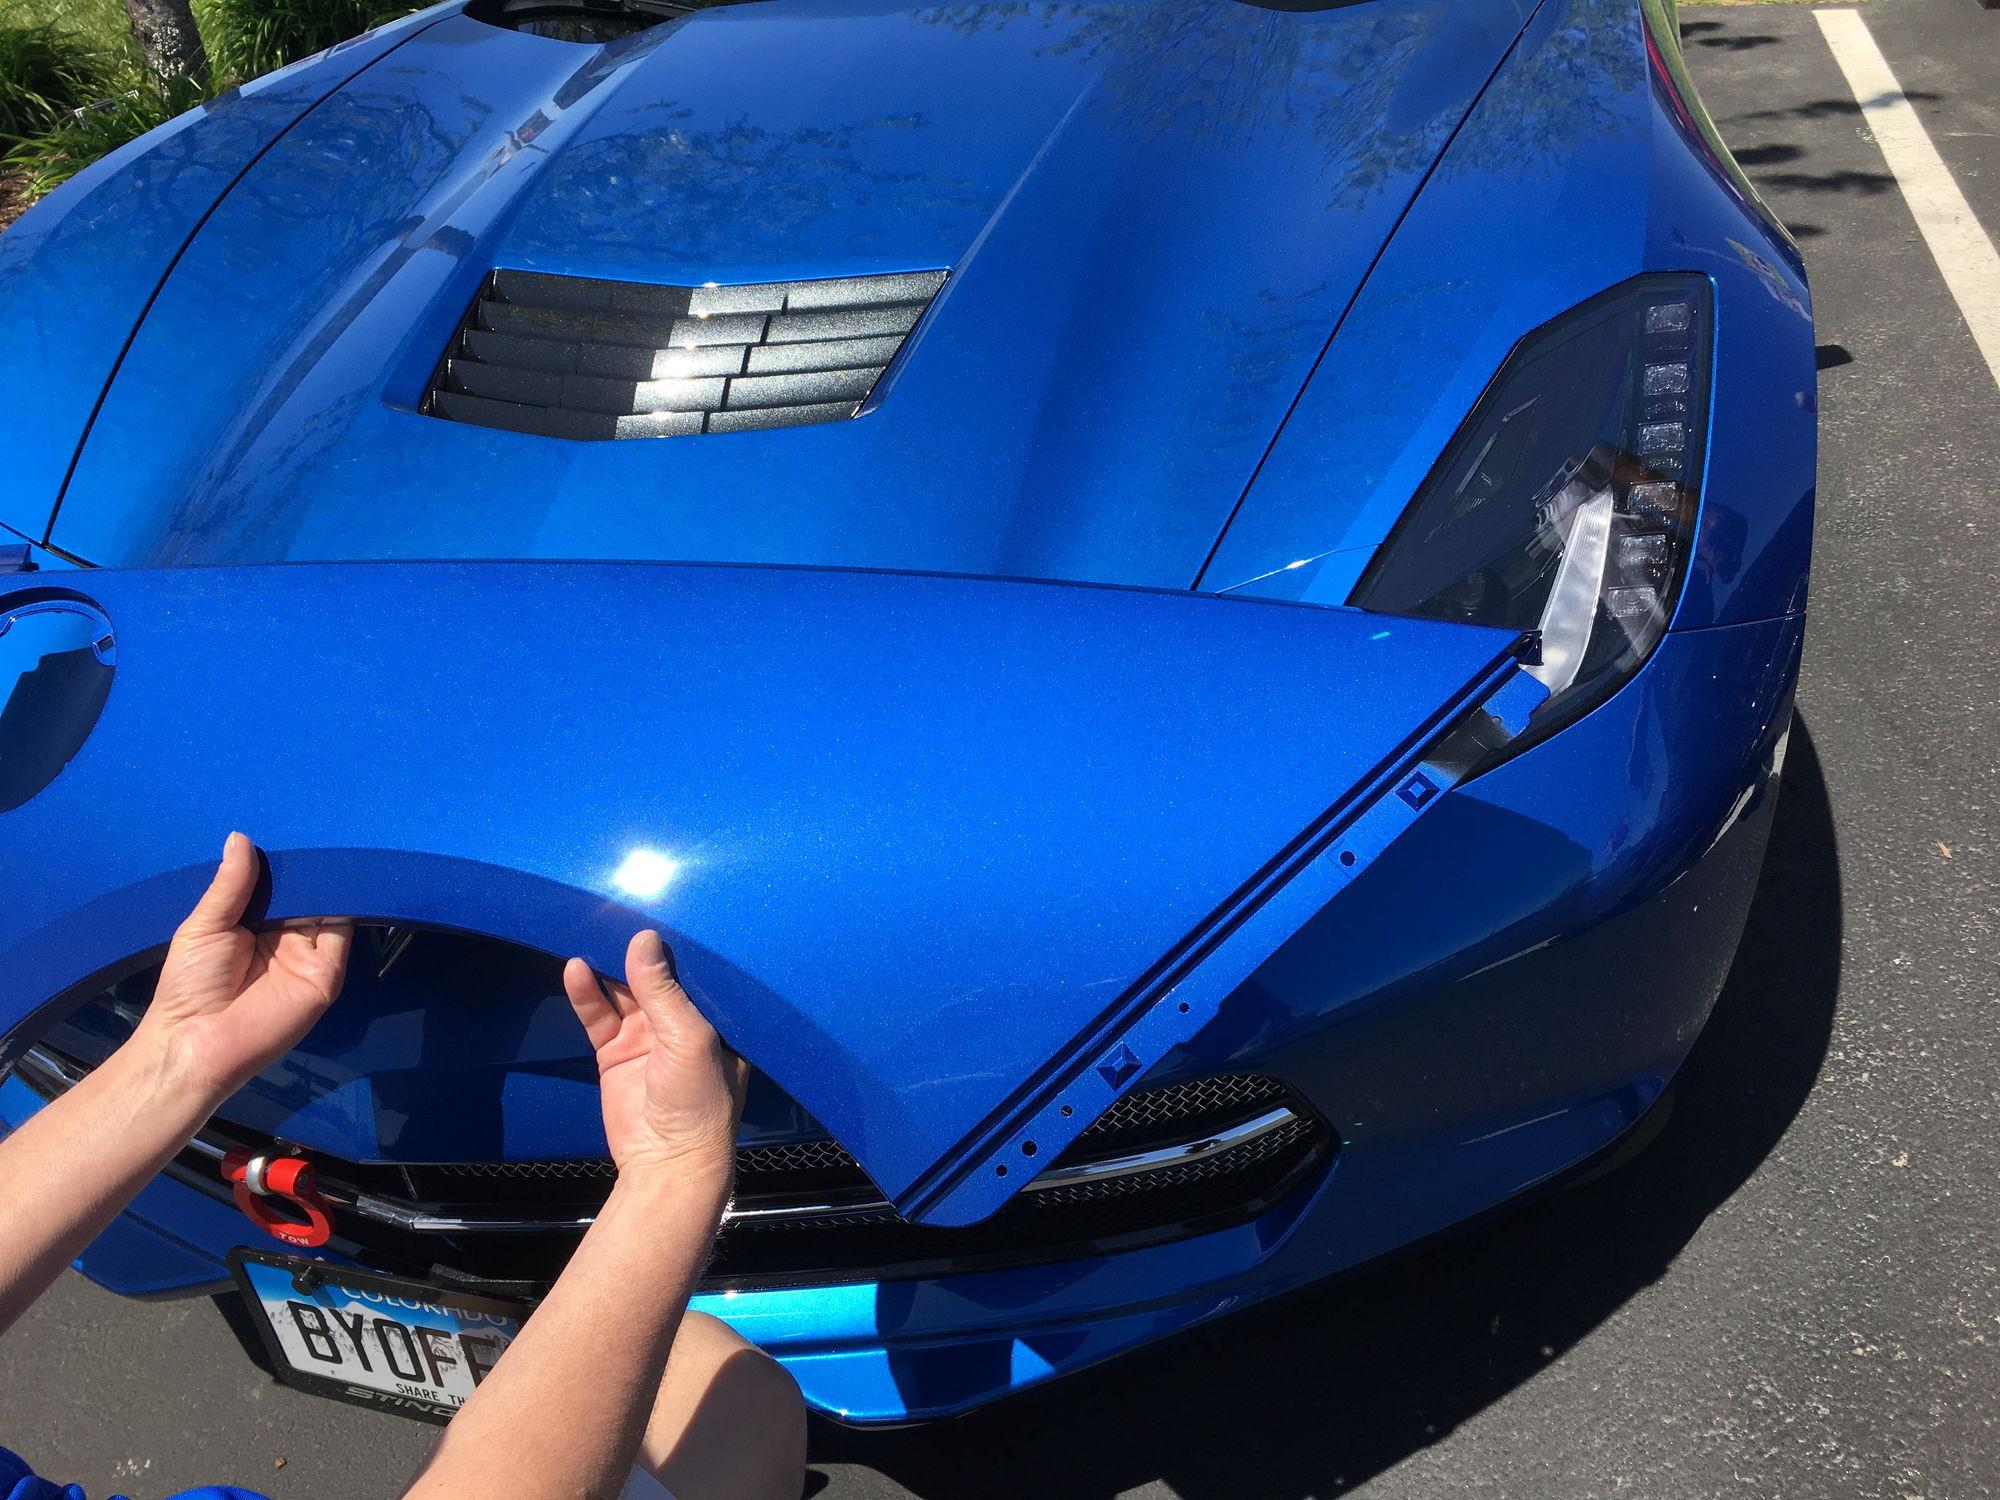 Lake Elkhart Blue Corvette 2019 Related Keywords